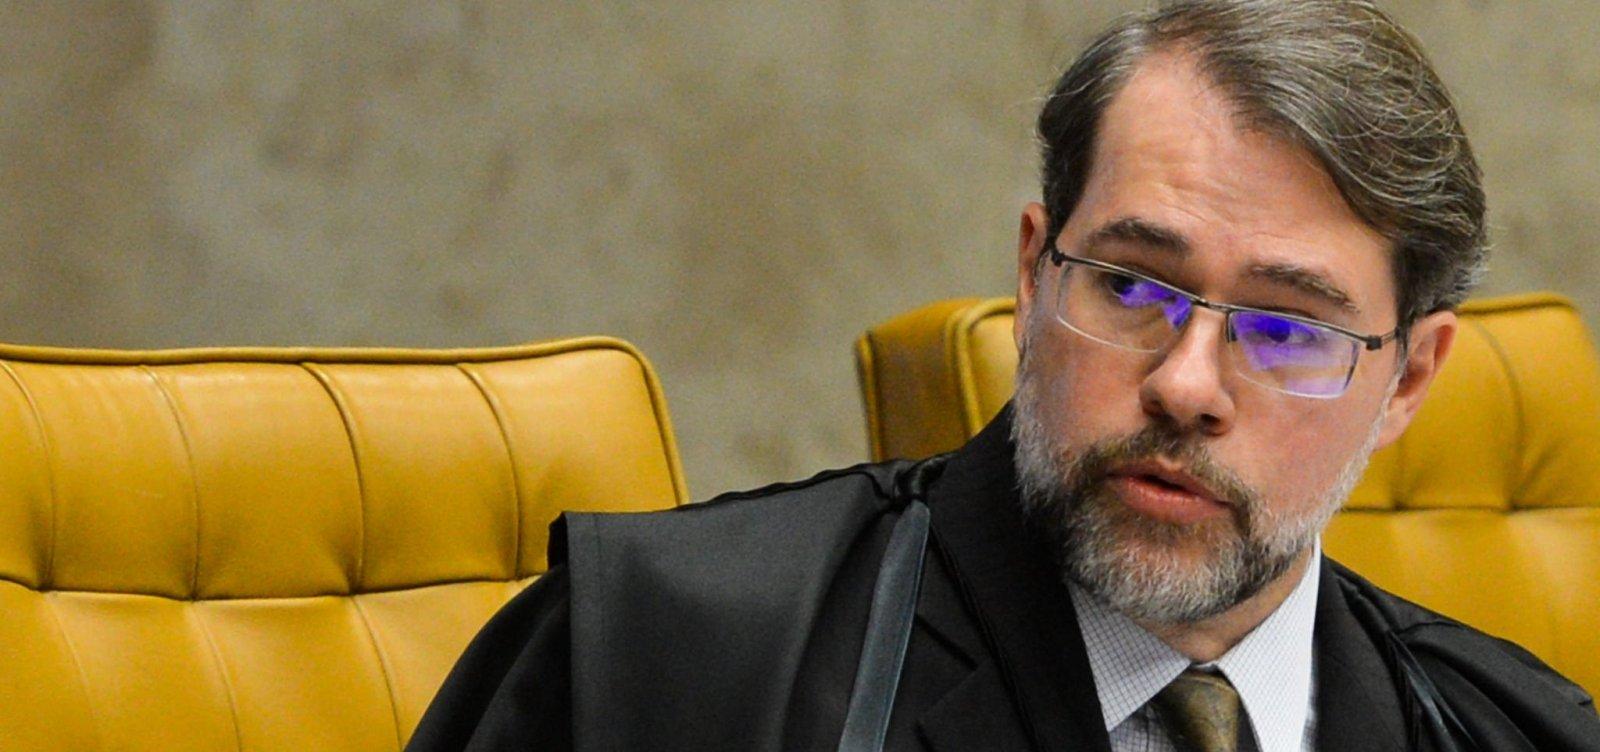 [Toffoli anuncia criação de comitê para discutir obras paralisadas]